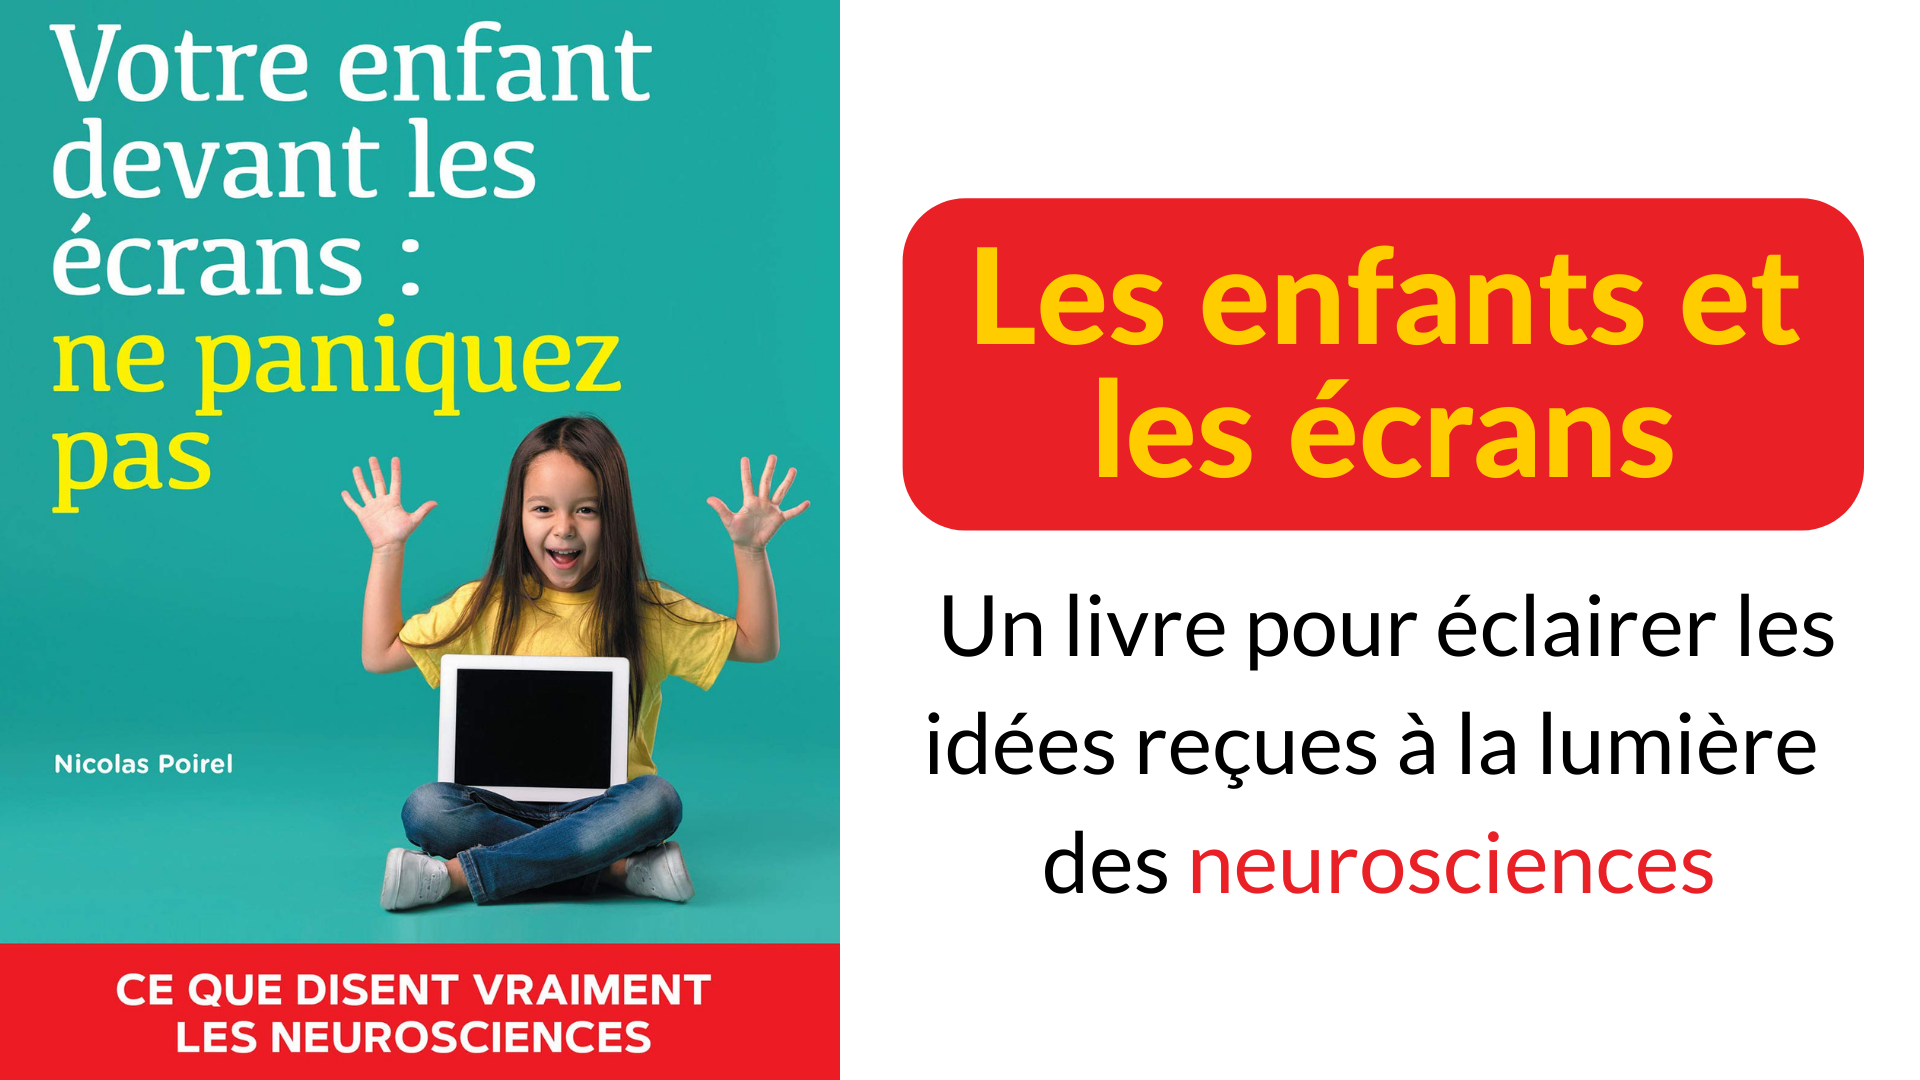 enfants écrans livre idées reçues neurosciences